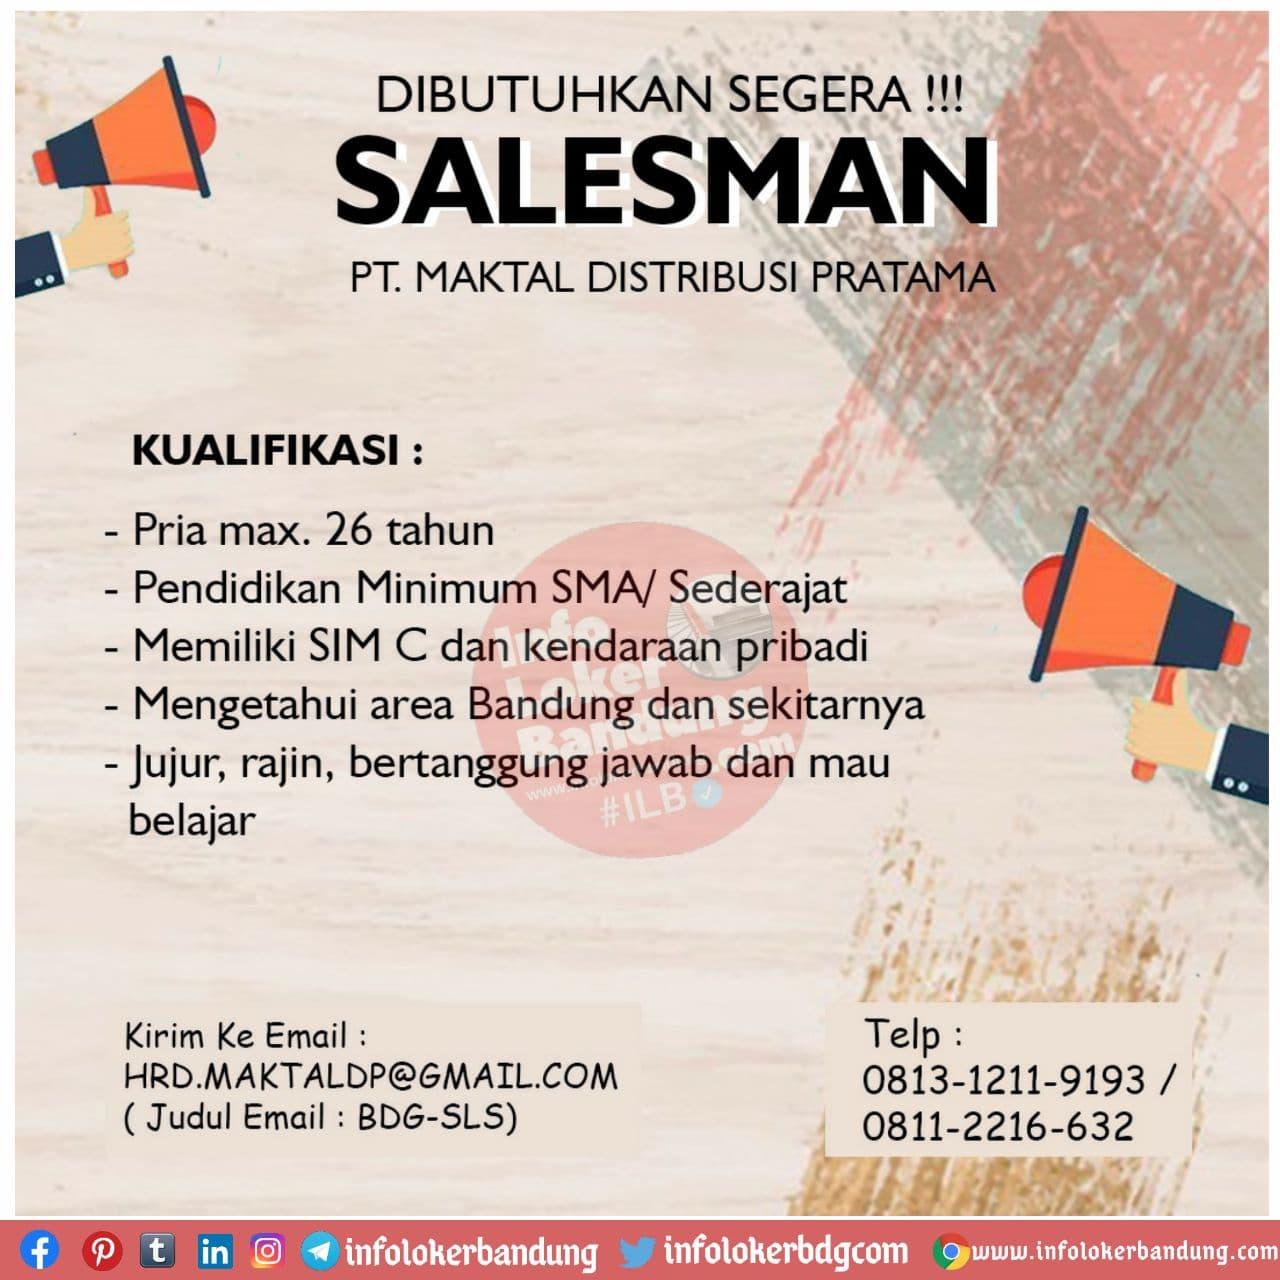 Lowongan Kerja PT. Maktal Distribusi Pratama Bandung November 2020